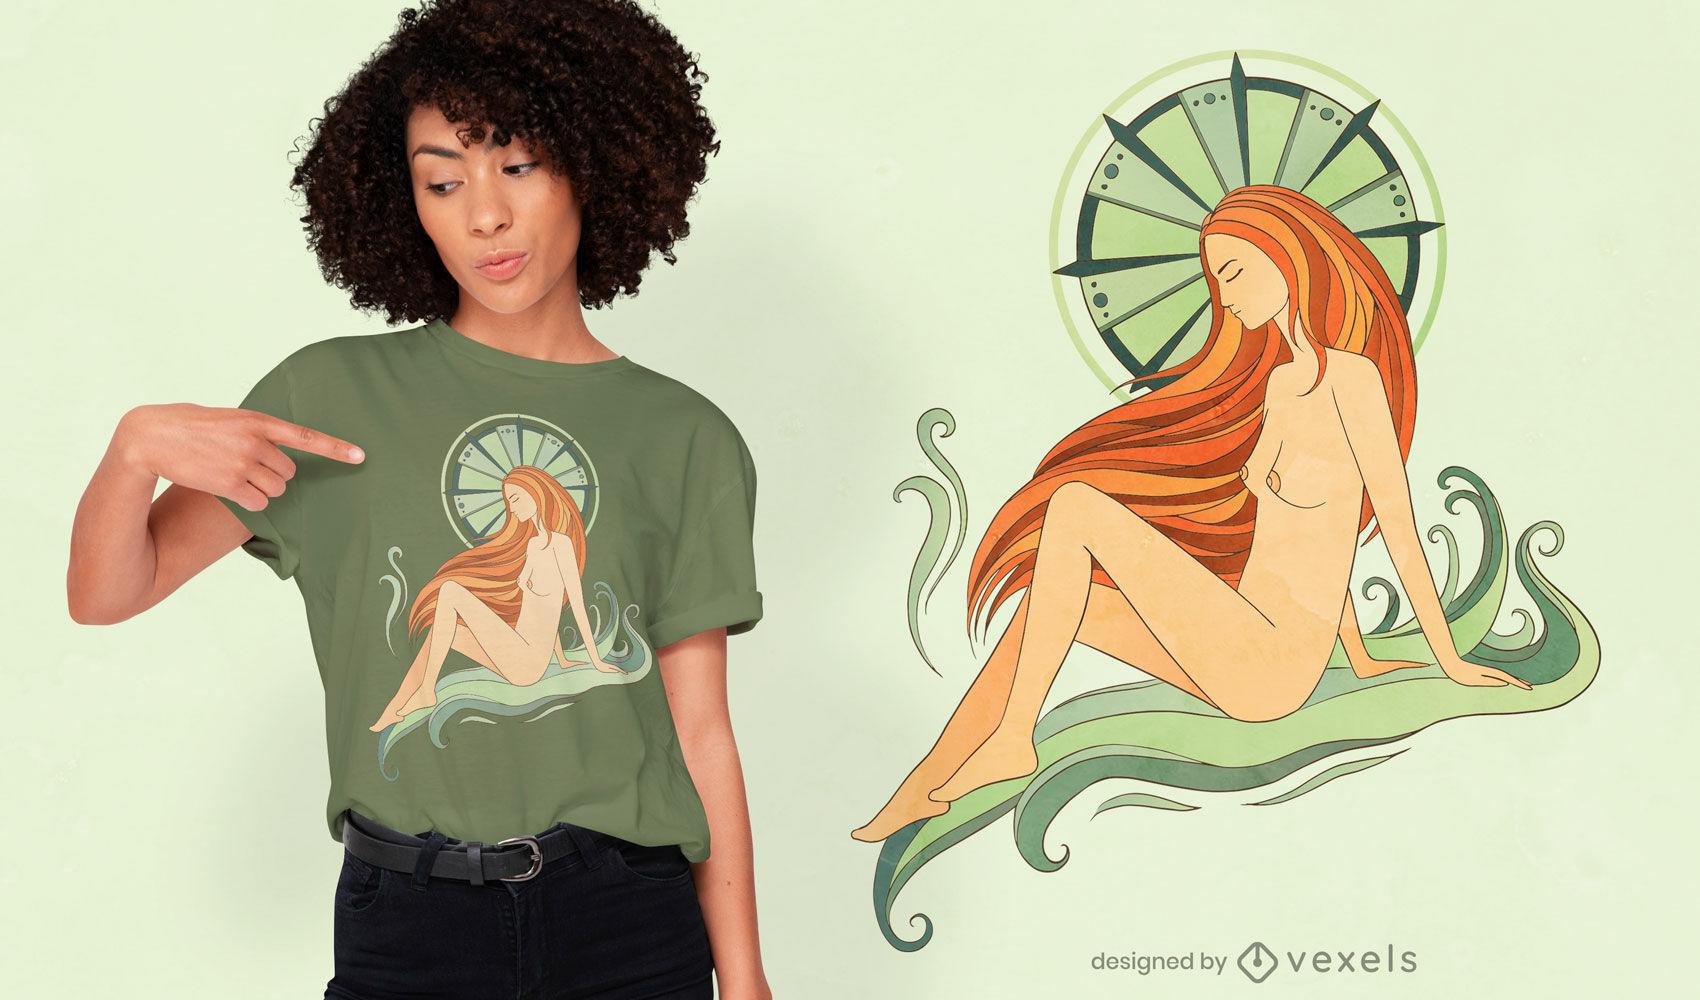 Diseño de camiseta de mujer mística.